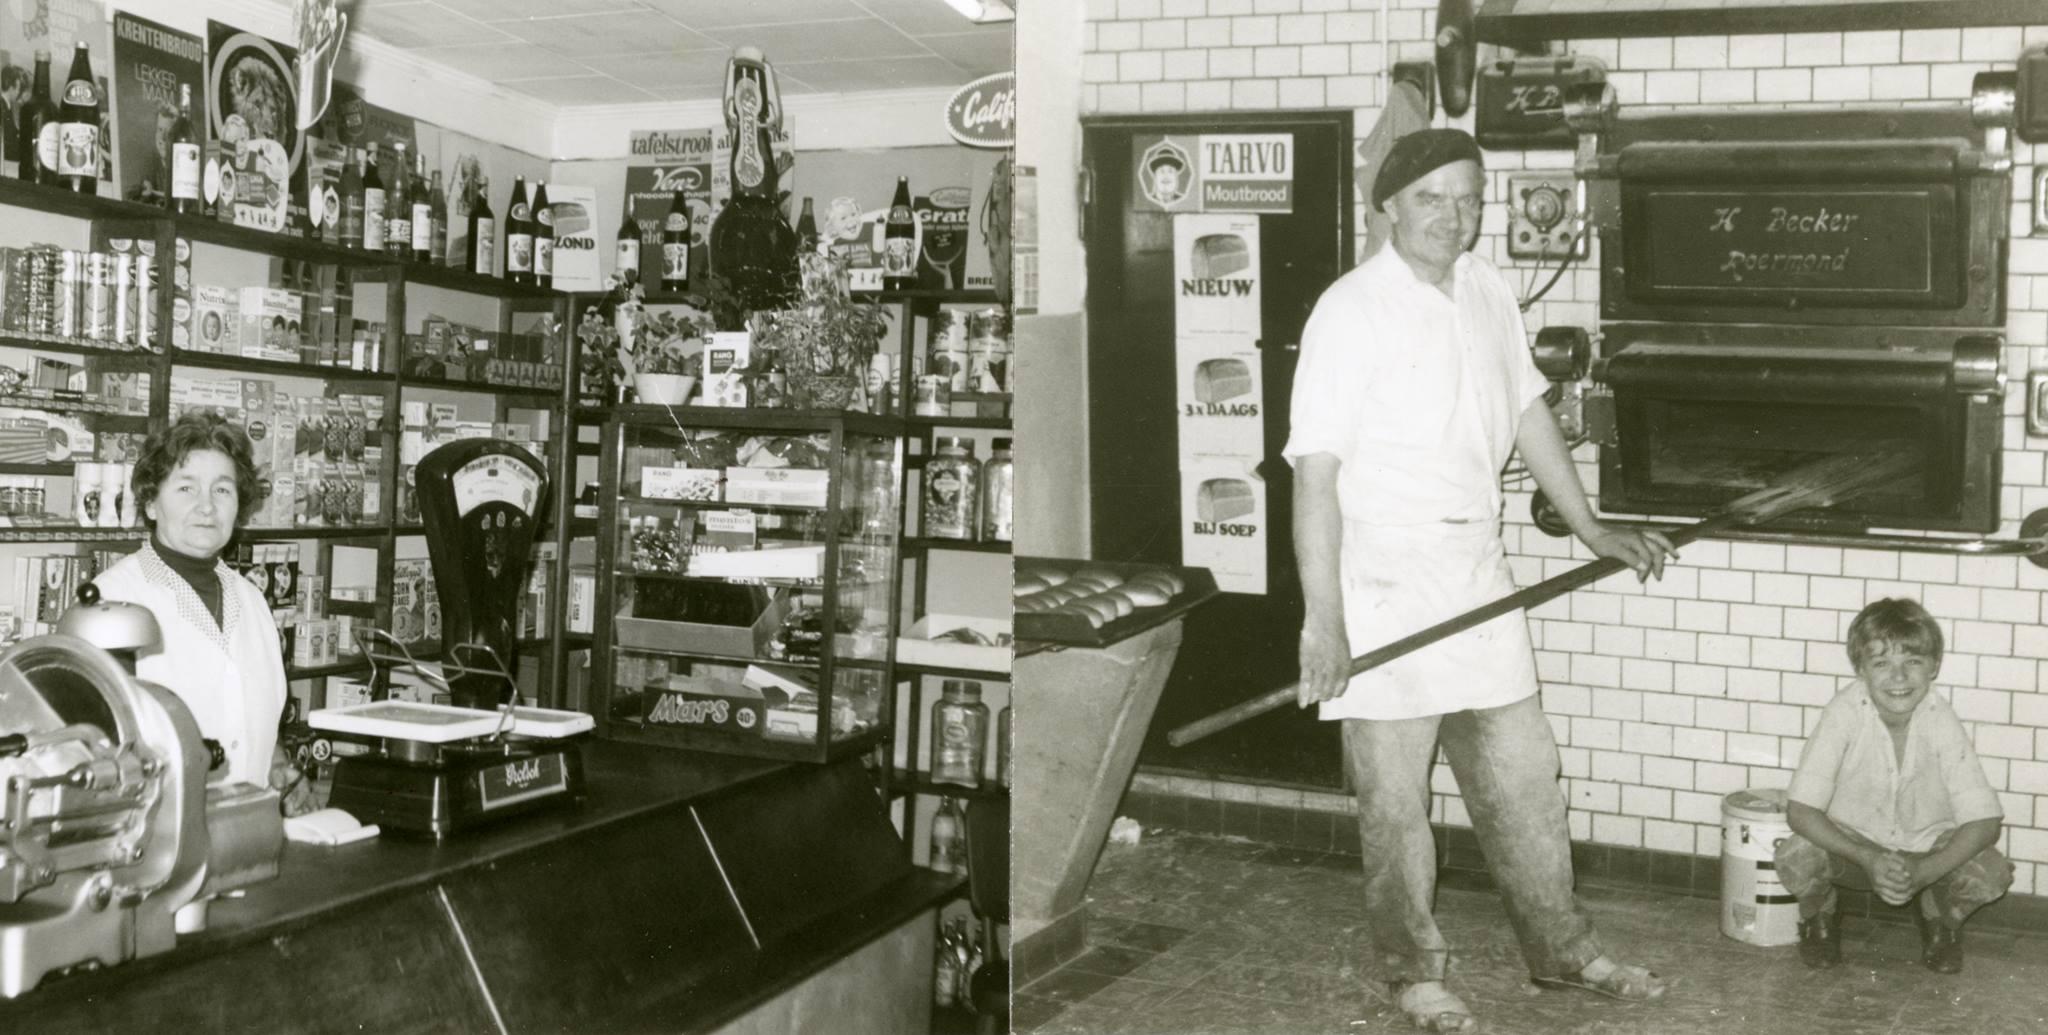 De Vivo-winkel / bakkerij van Piet Megens 1970